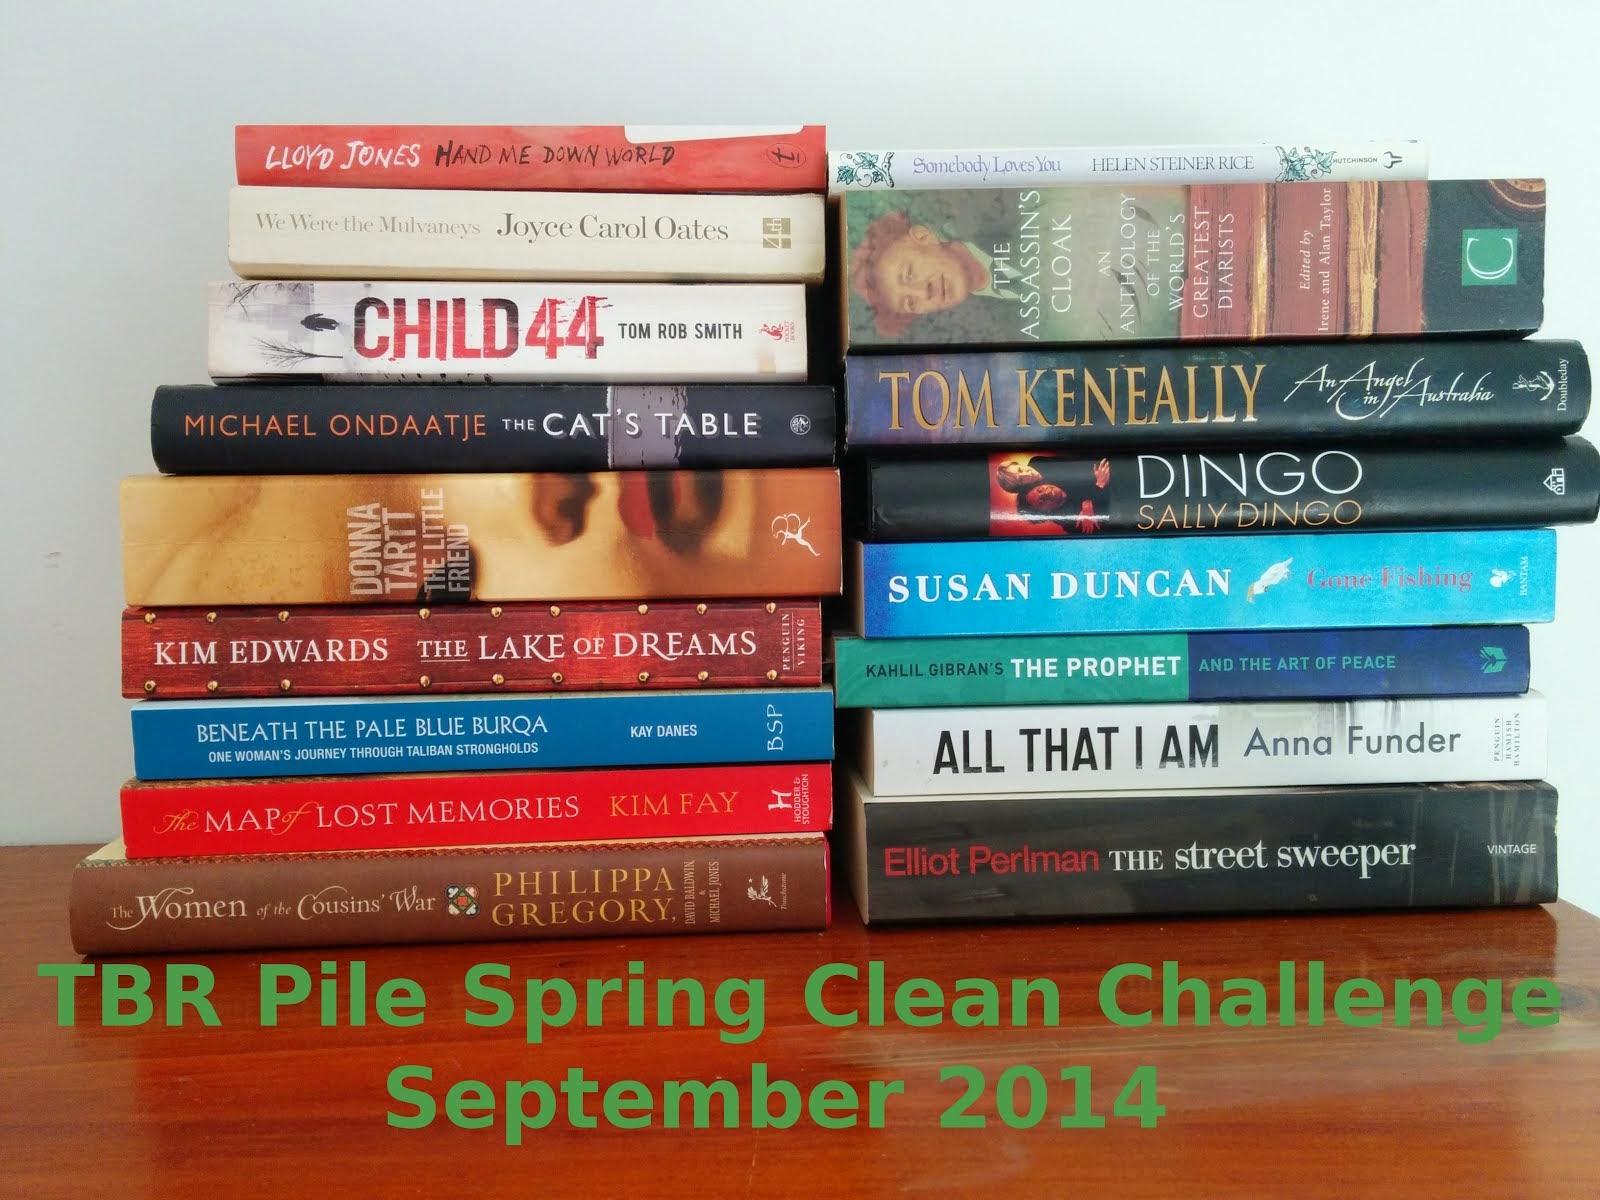 TBR Spring Clean Challenge